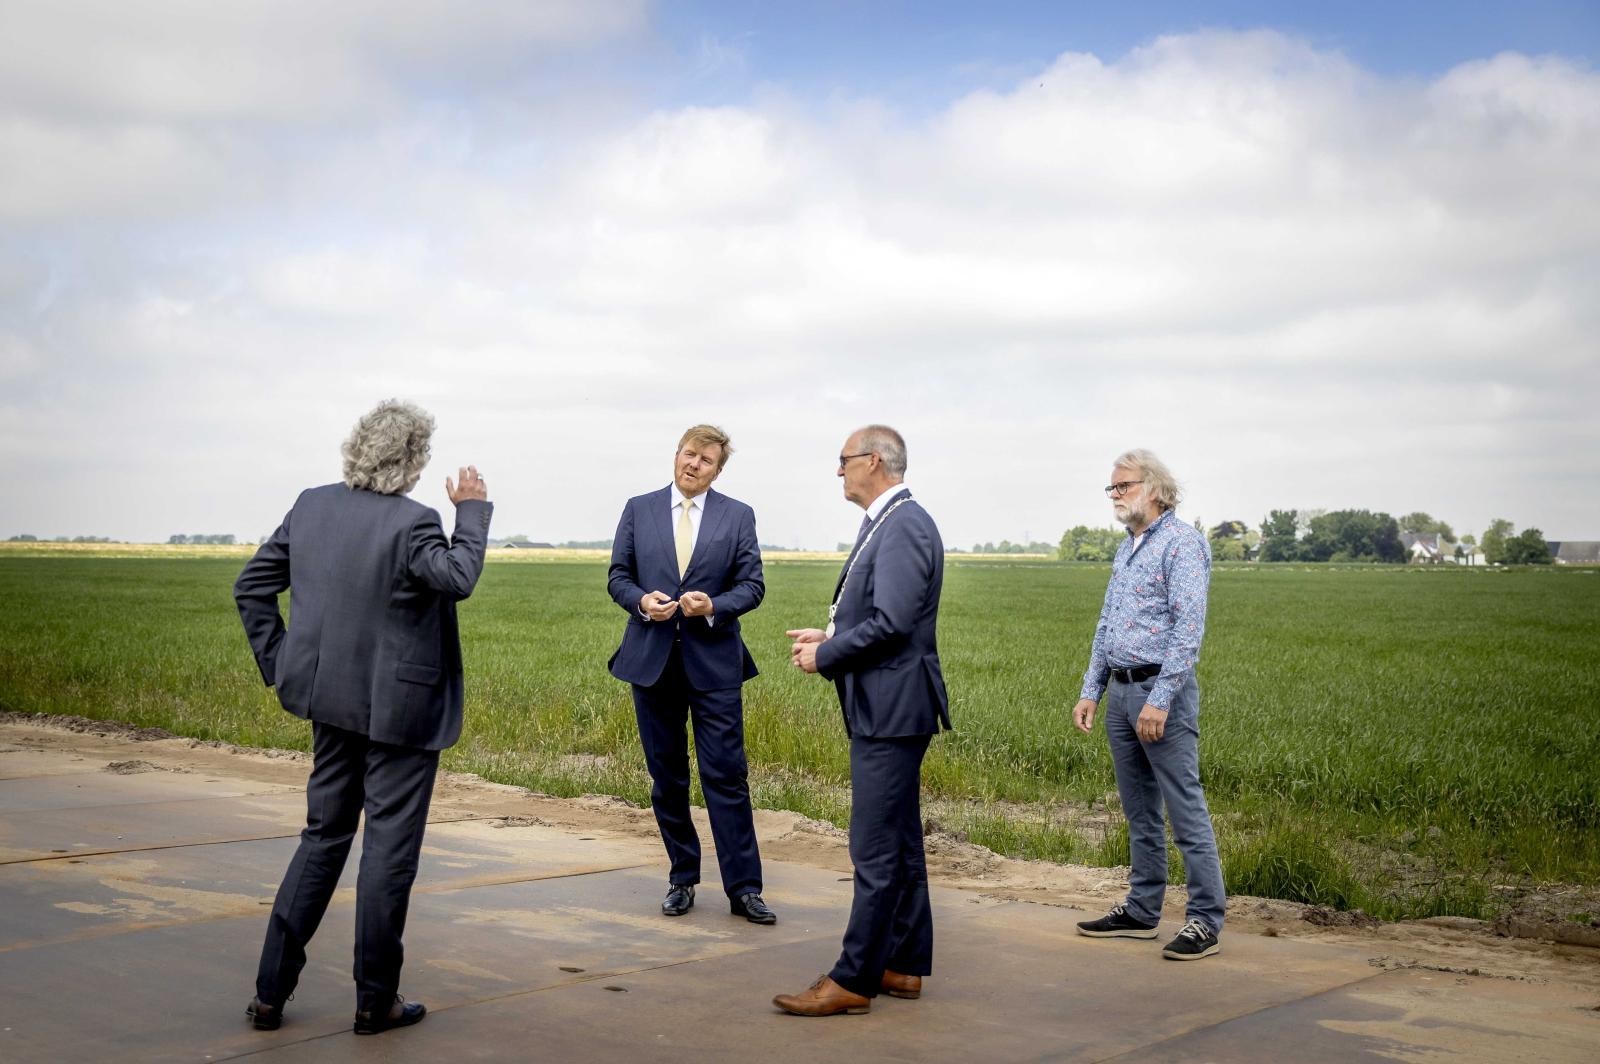 Holenderska rodzina królewska  EPA/KOEN VAN WEEL / POOL